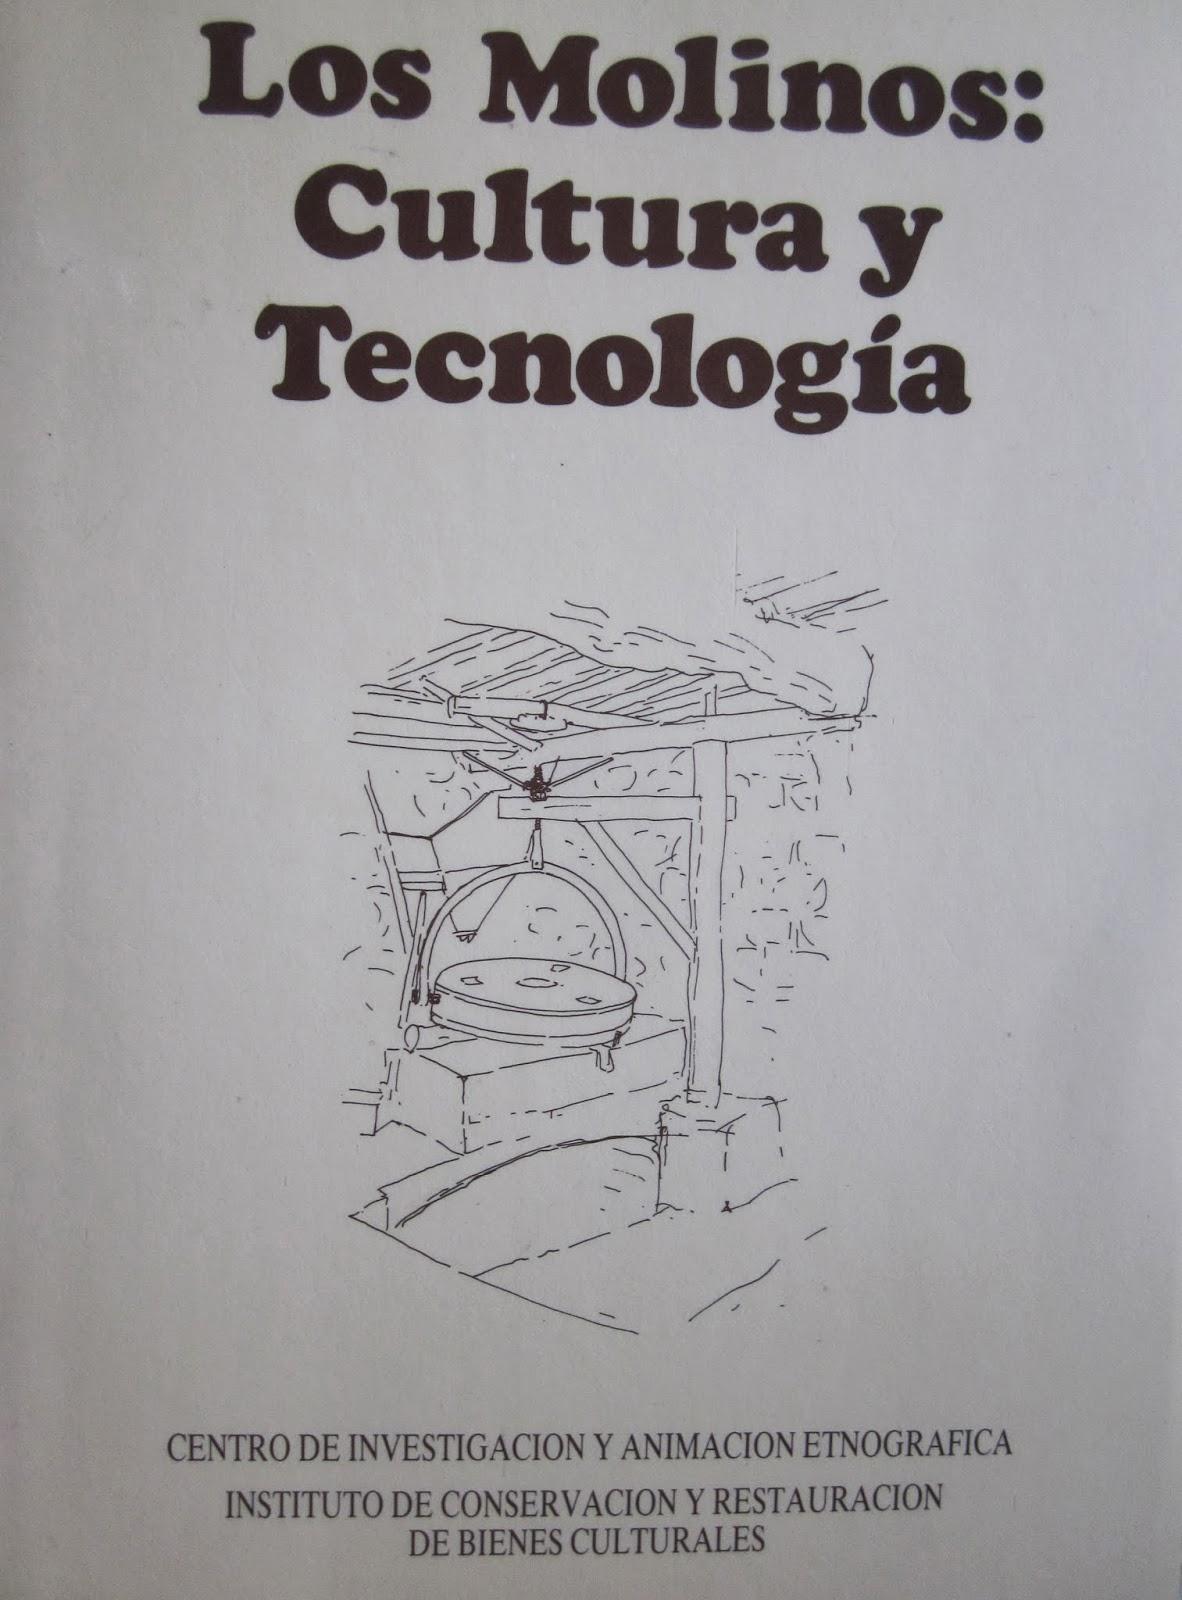 VV. AA. Los molinos: Cultura y Tecnología